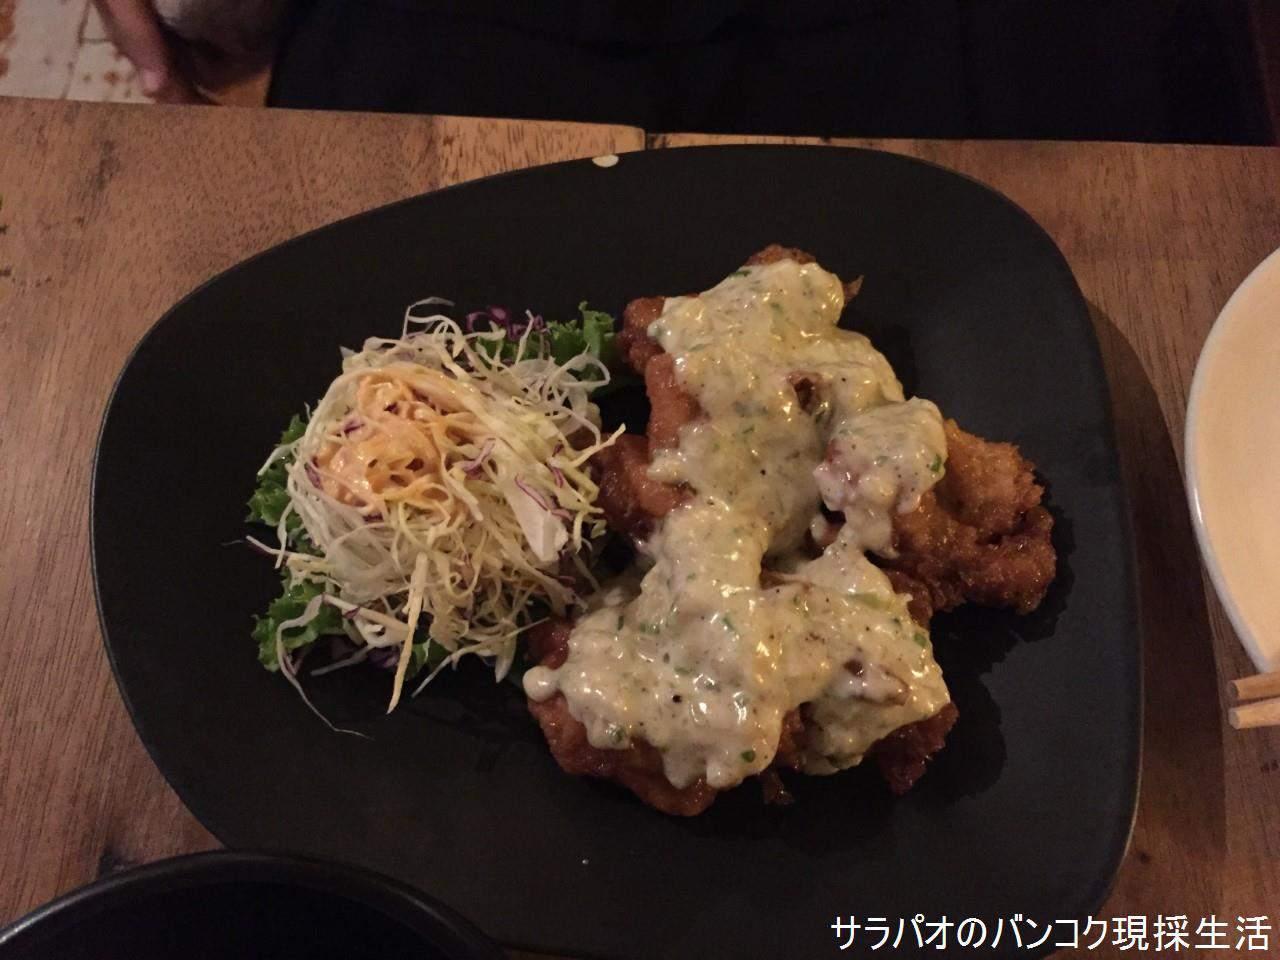 IttoShokudo_52.jpg